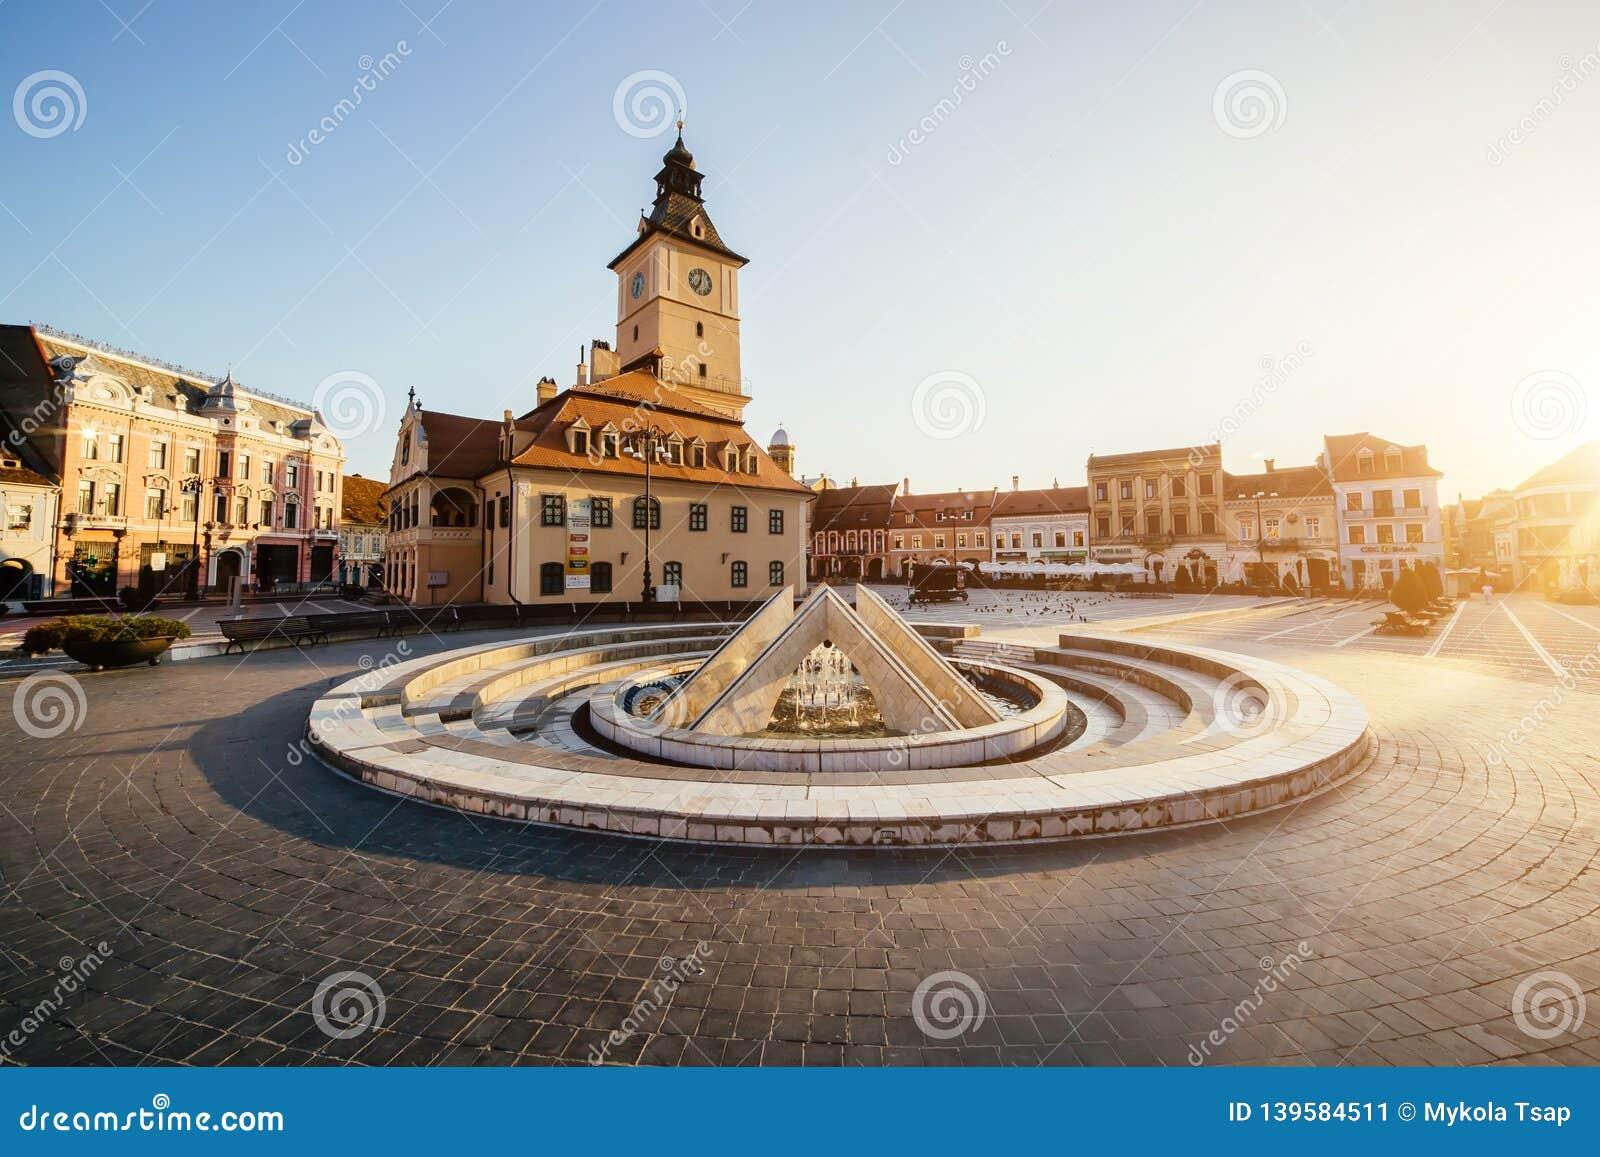 Quadrato centrale della città (Piata Sfatului) con la torre del corridoio del consiglio comunale, vista di alba di mattina della